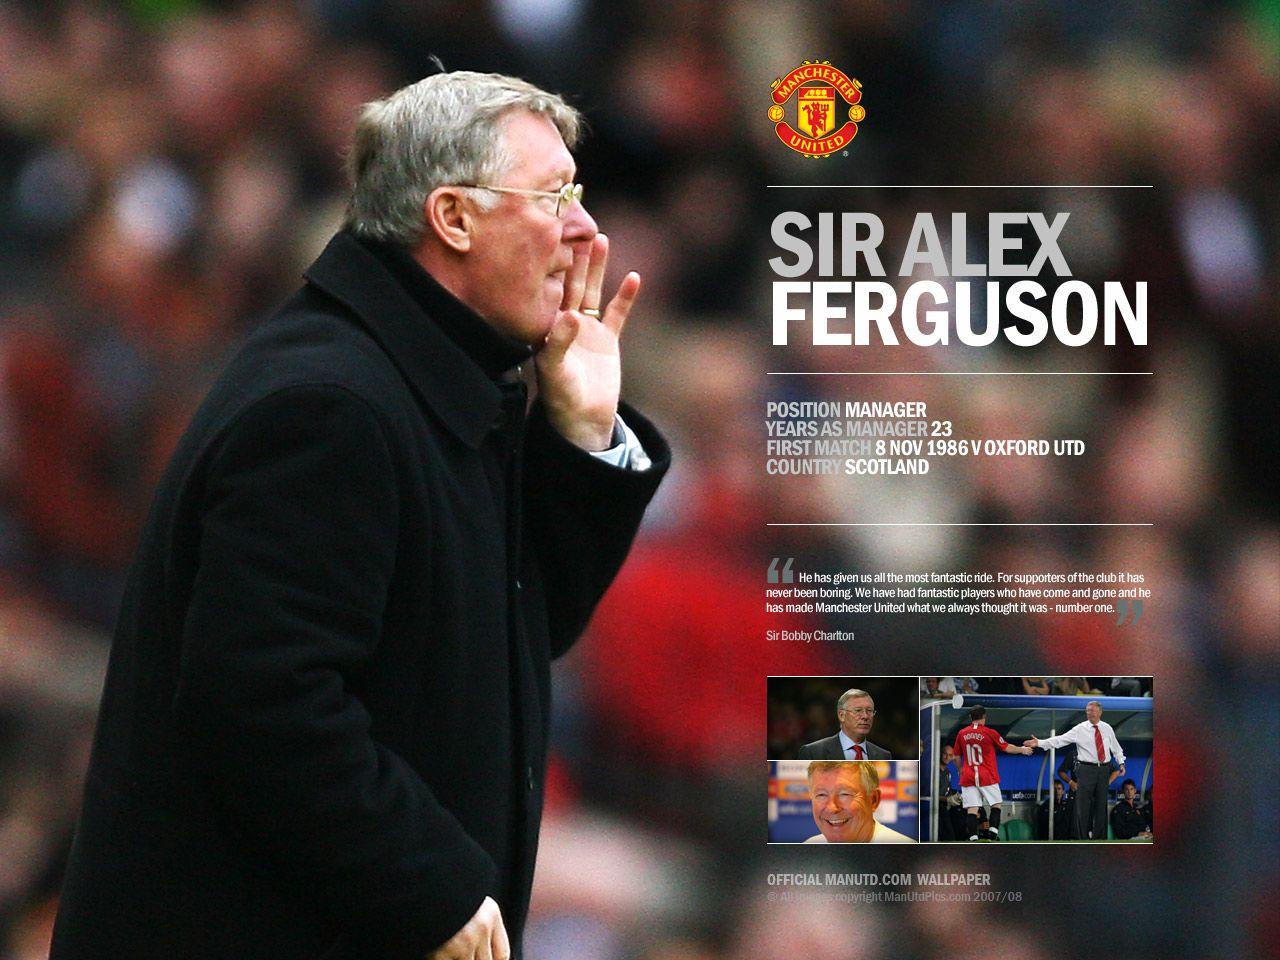 http://3.bp.blogspot.com/-sDWX1UU7-C0/TigwIJyepbI/AAAAAAAABhA/DINEsvrBwcg/s1600/Sir-Alex-Ferguson-Wallpaper-5.jpg